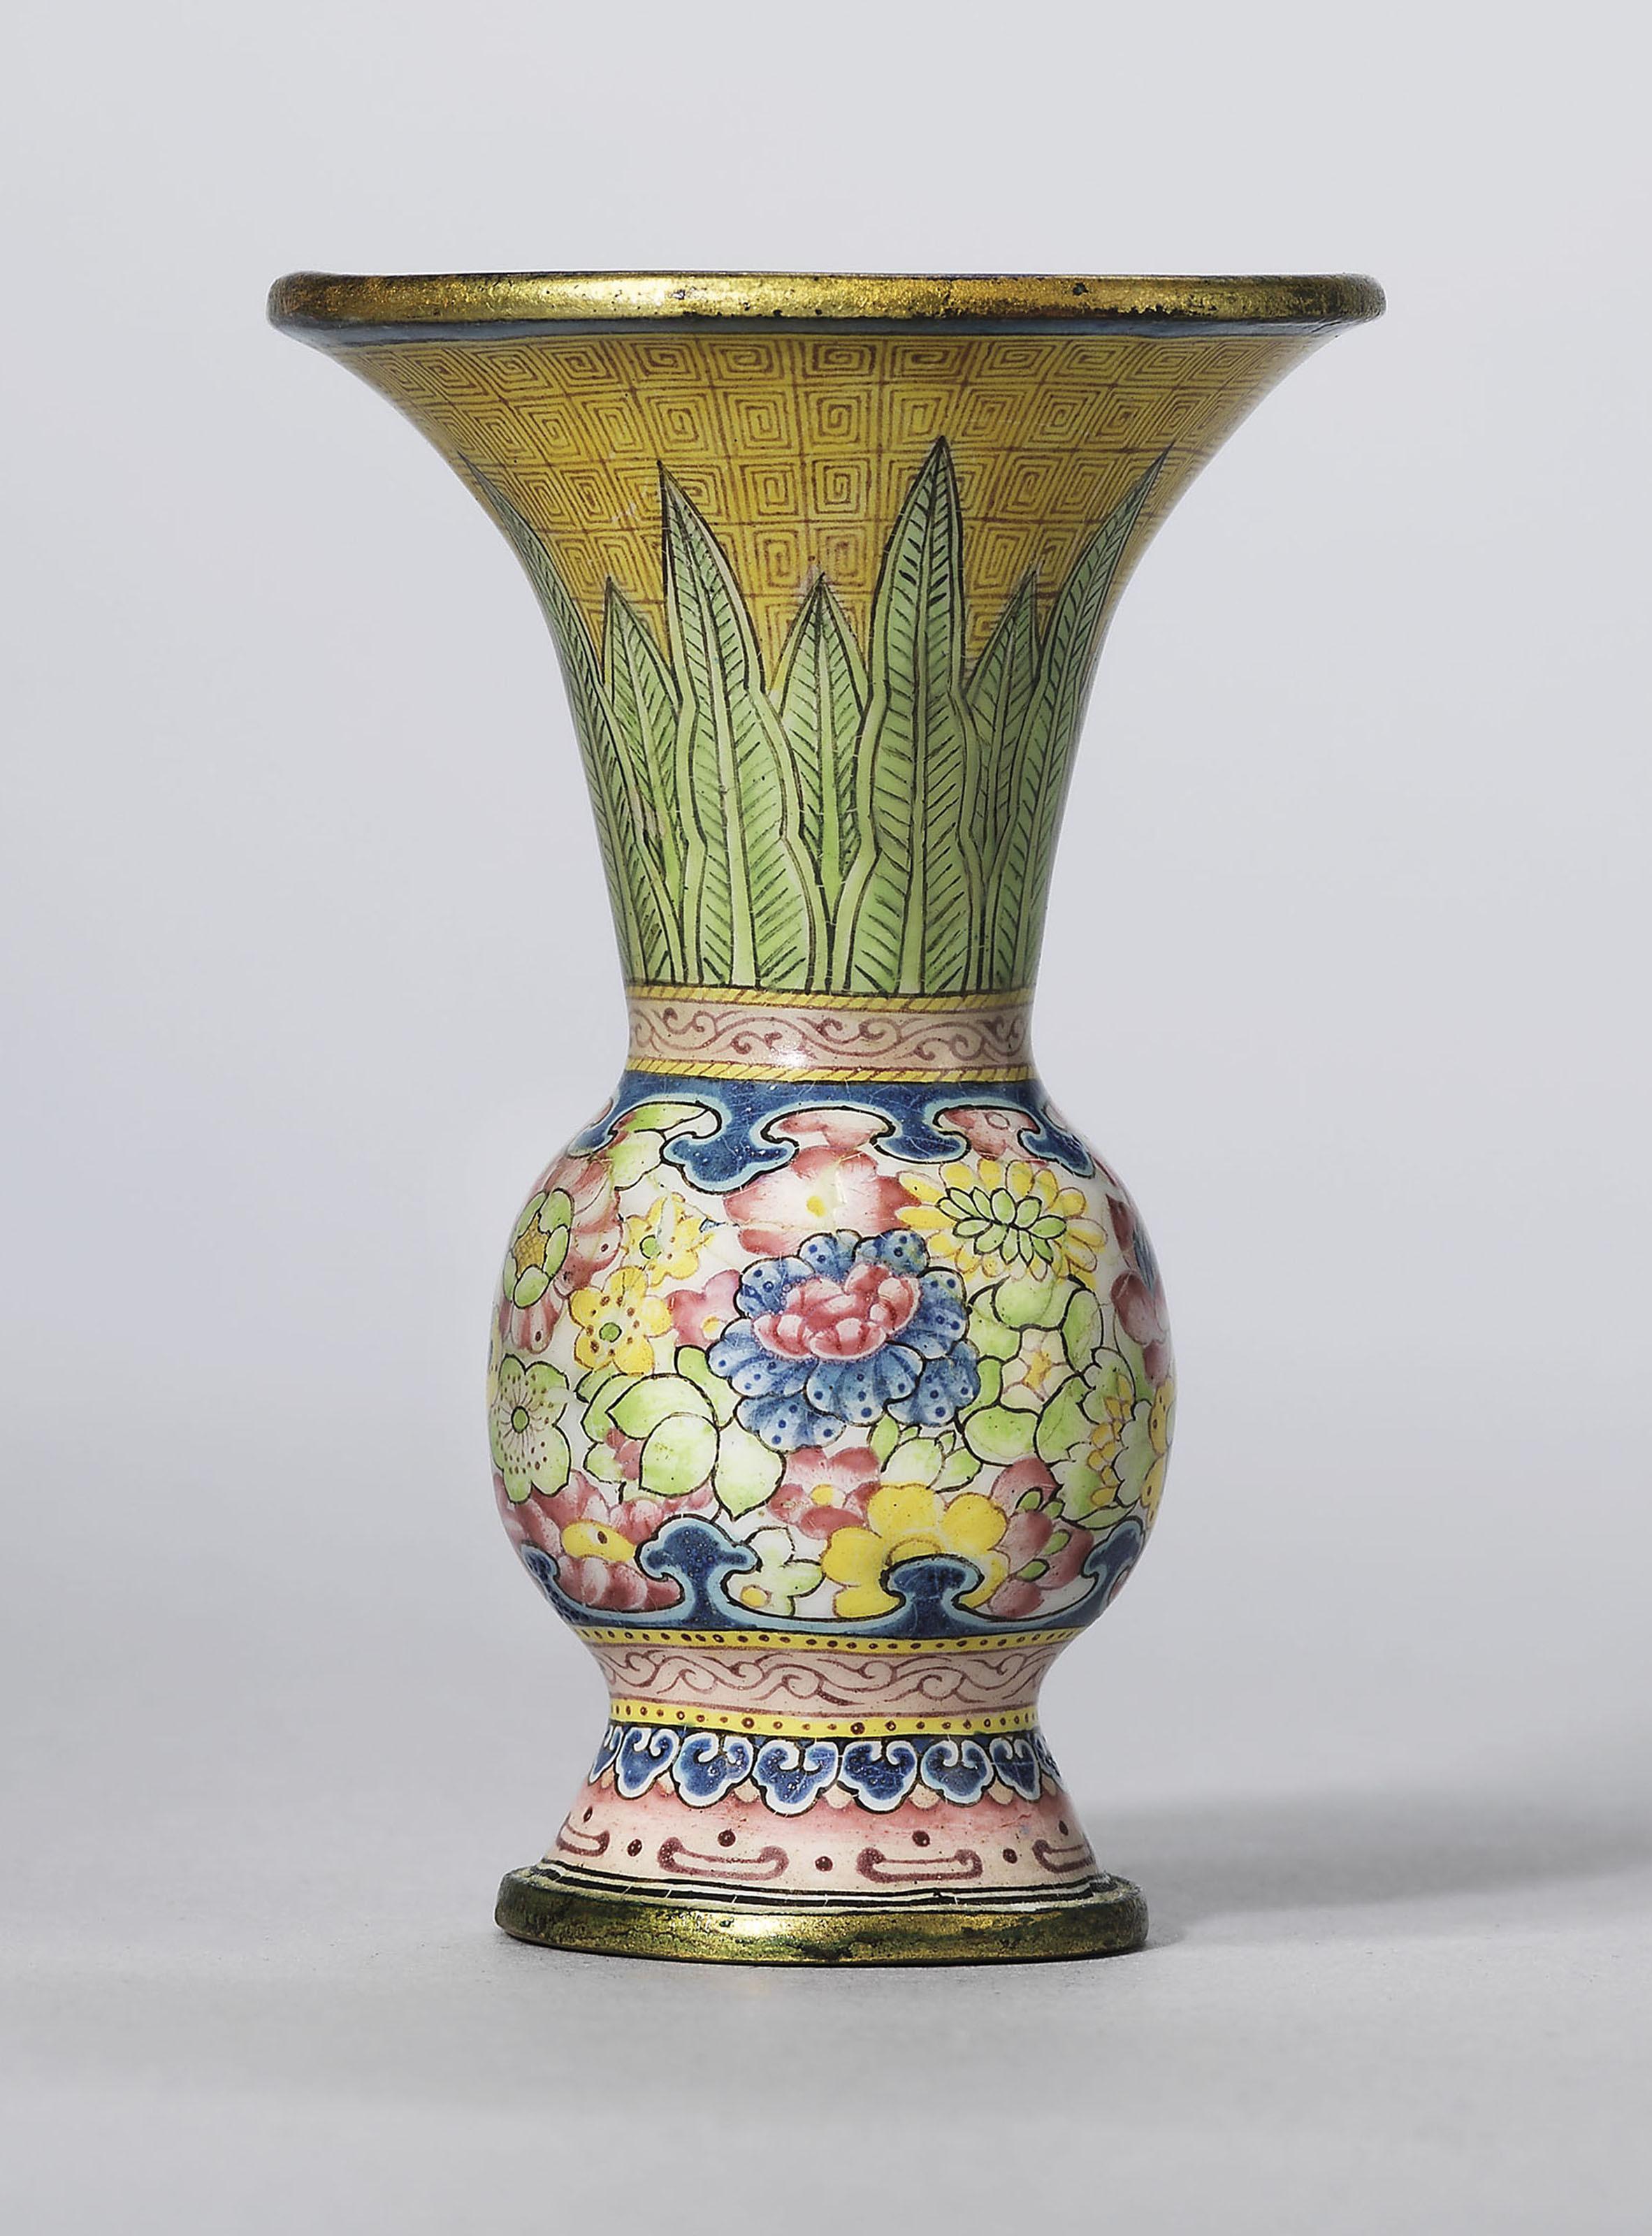 Decorative vase Ideas & 25 Unique Ceramic Wall Vases for Flowers | Decorative vase Ideas